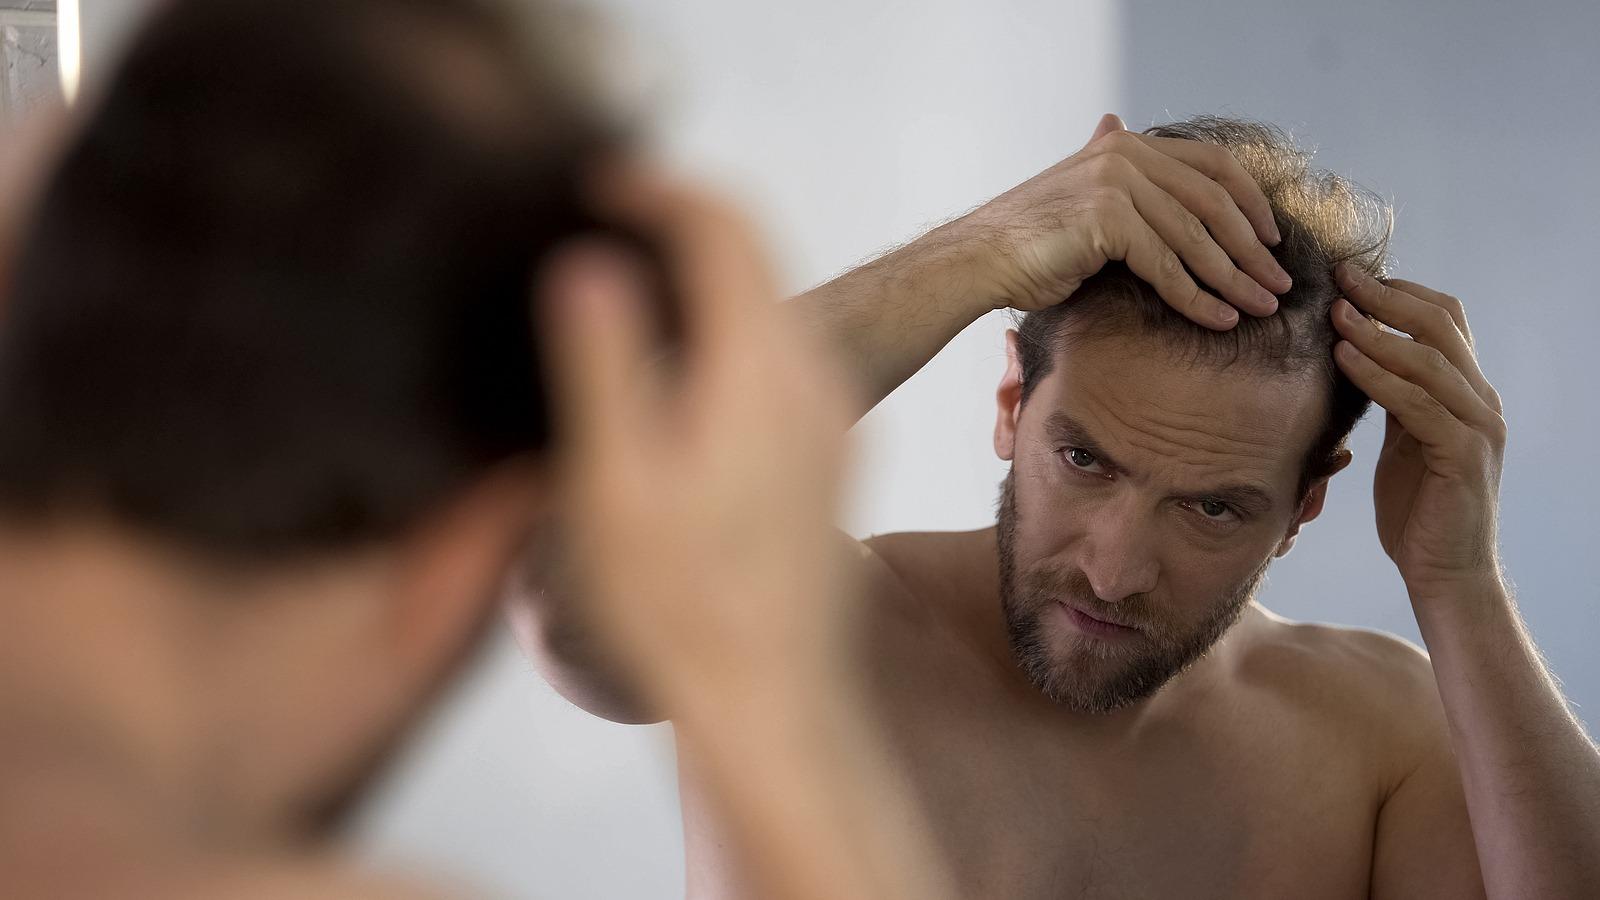 Haarausfall nach Operationen Warum tritt er auf